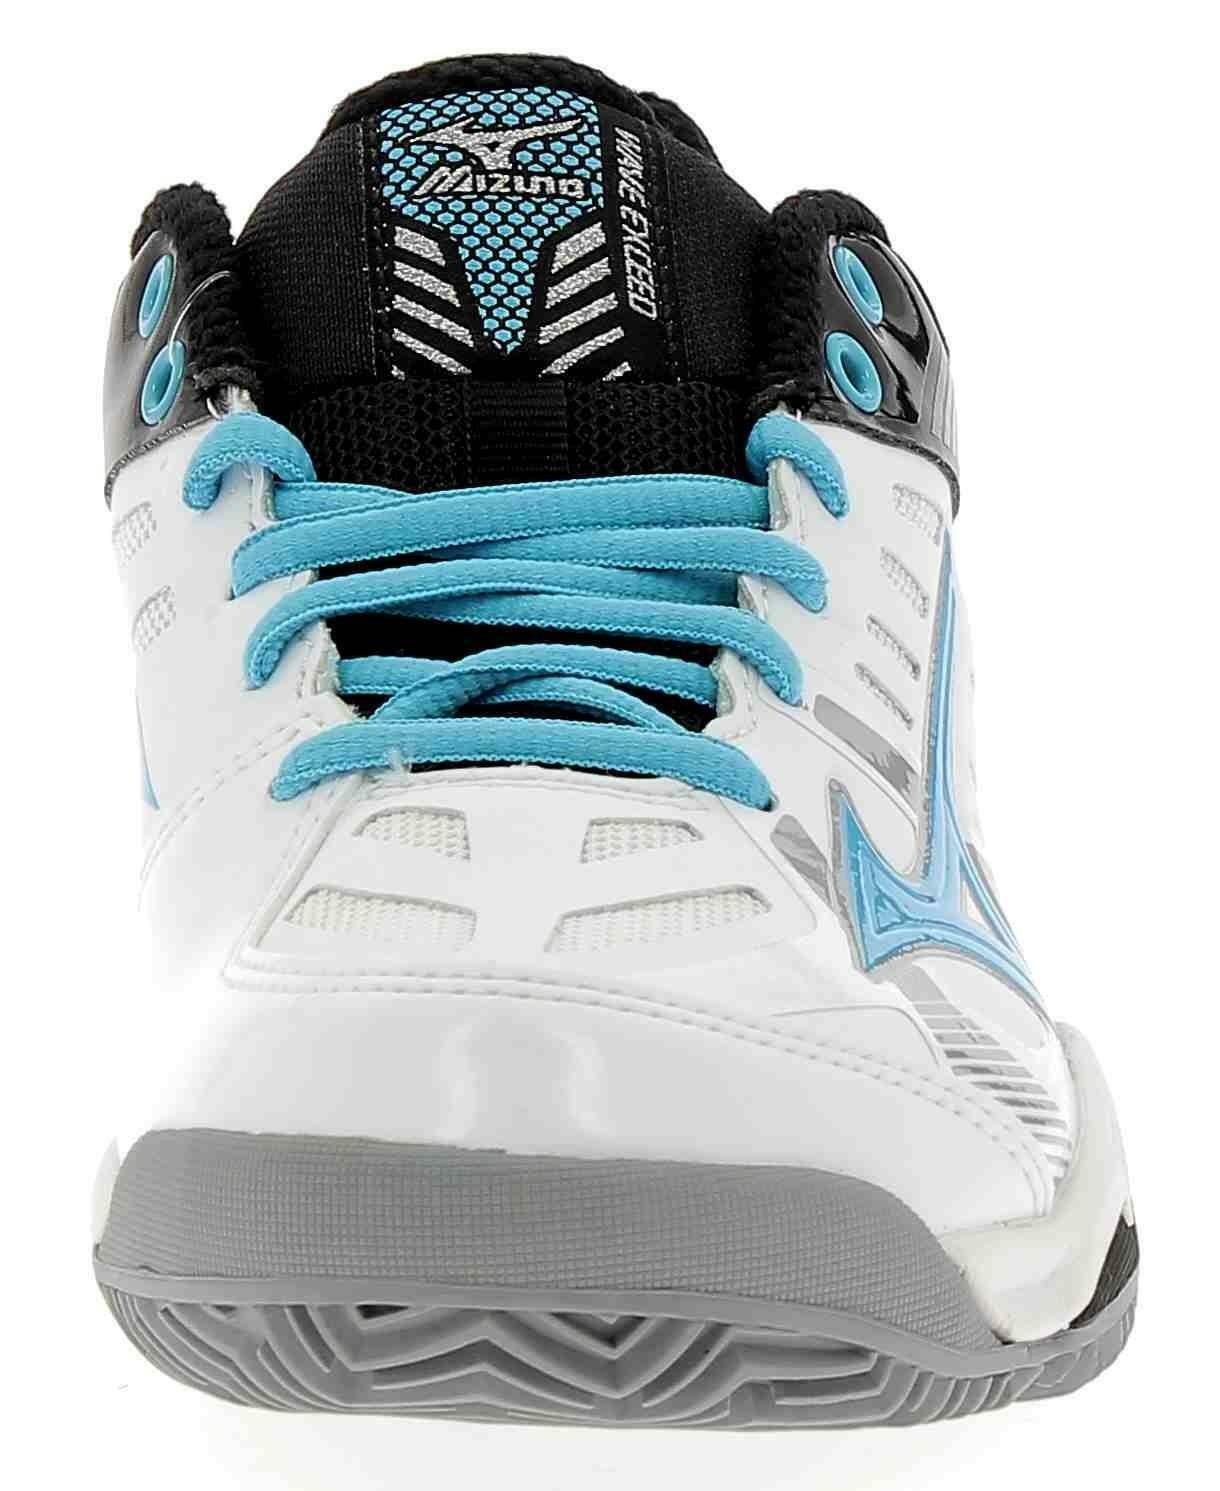 mizuno mizuno wave exceed sl scarpe tennis donna